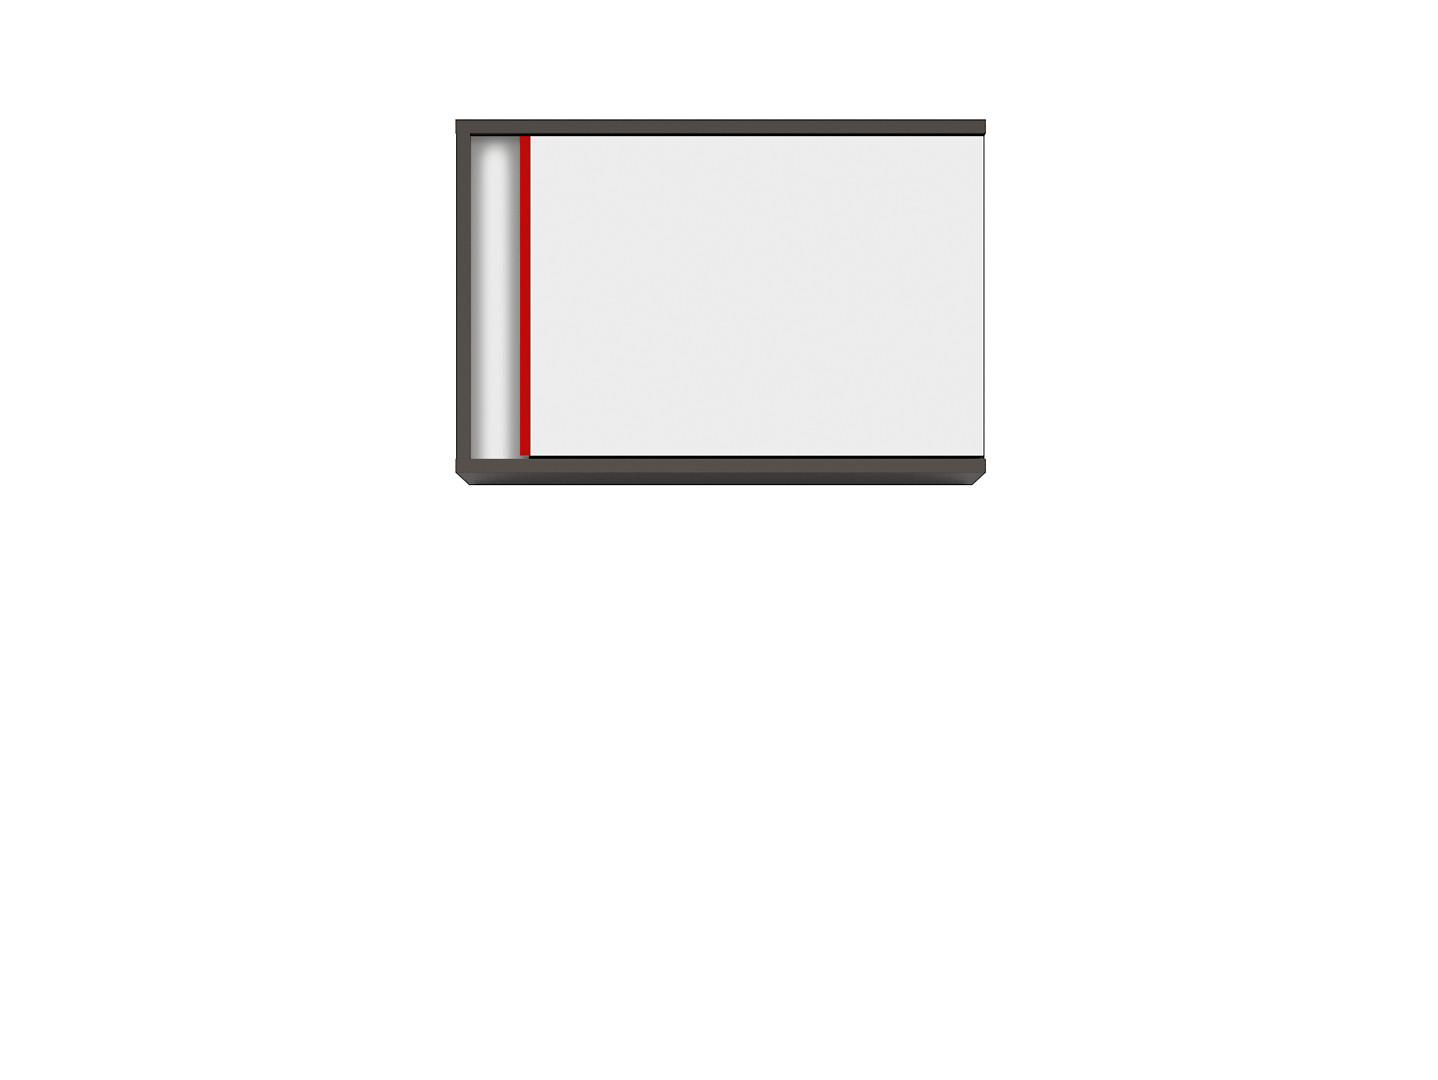 Závesná skrinka GRAPHIC SFW1DP/B sivý wolfram/biely/červený